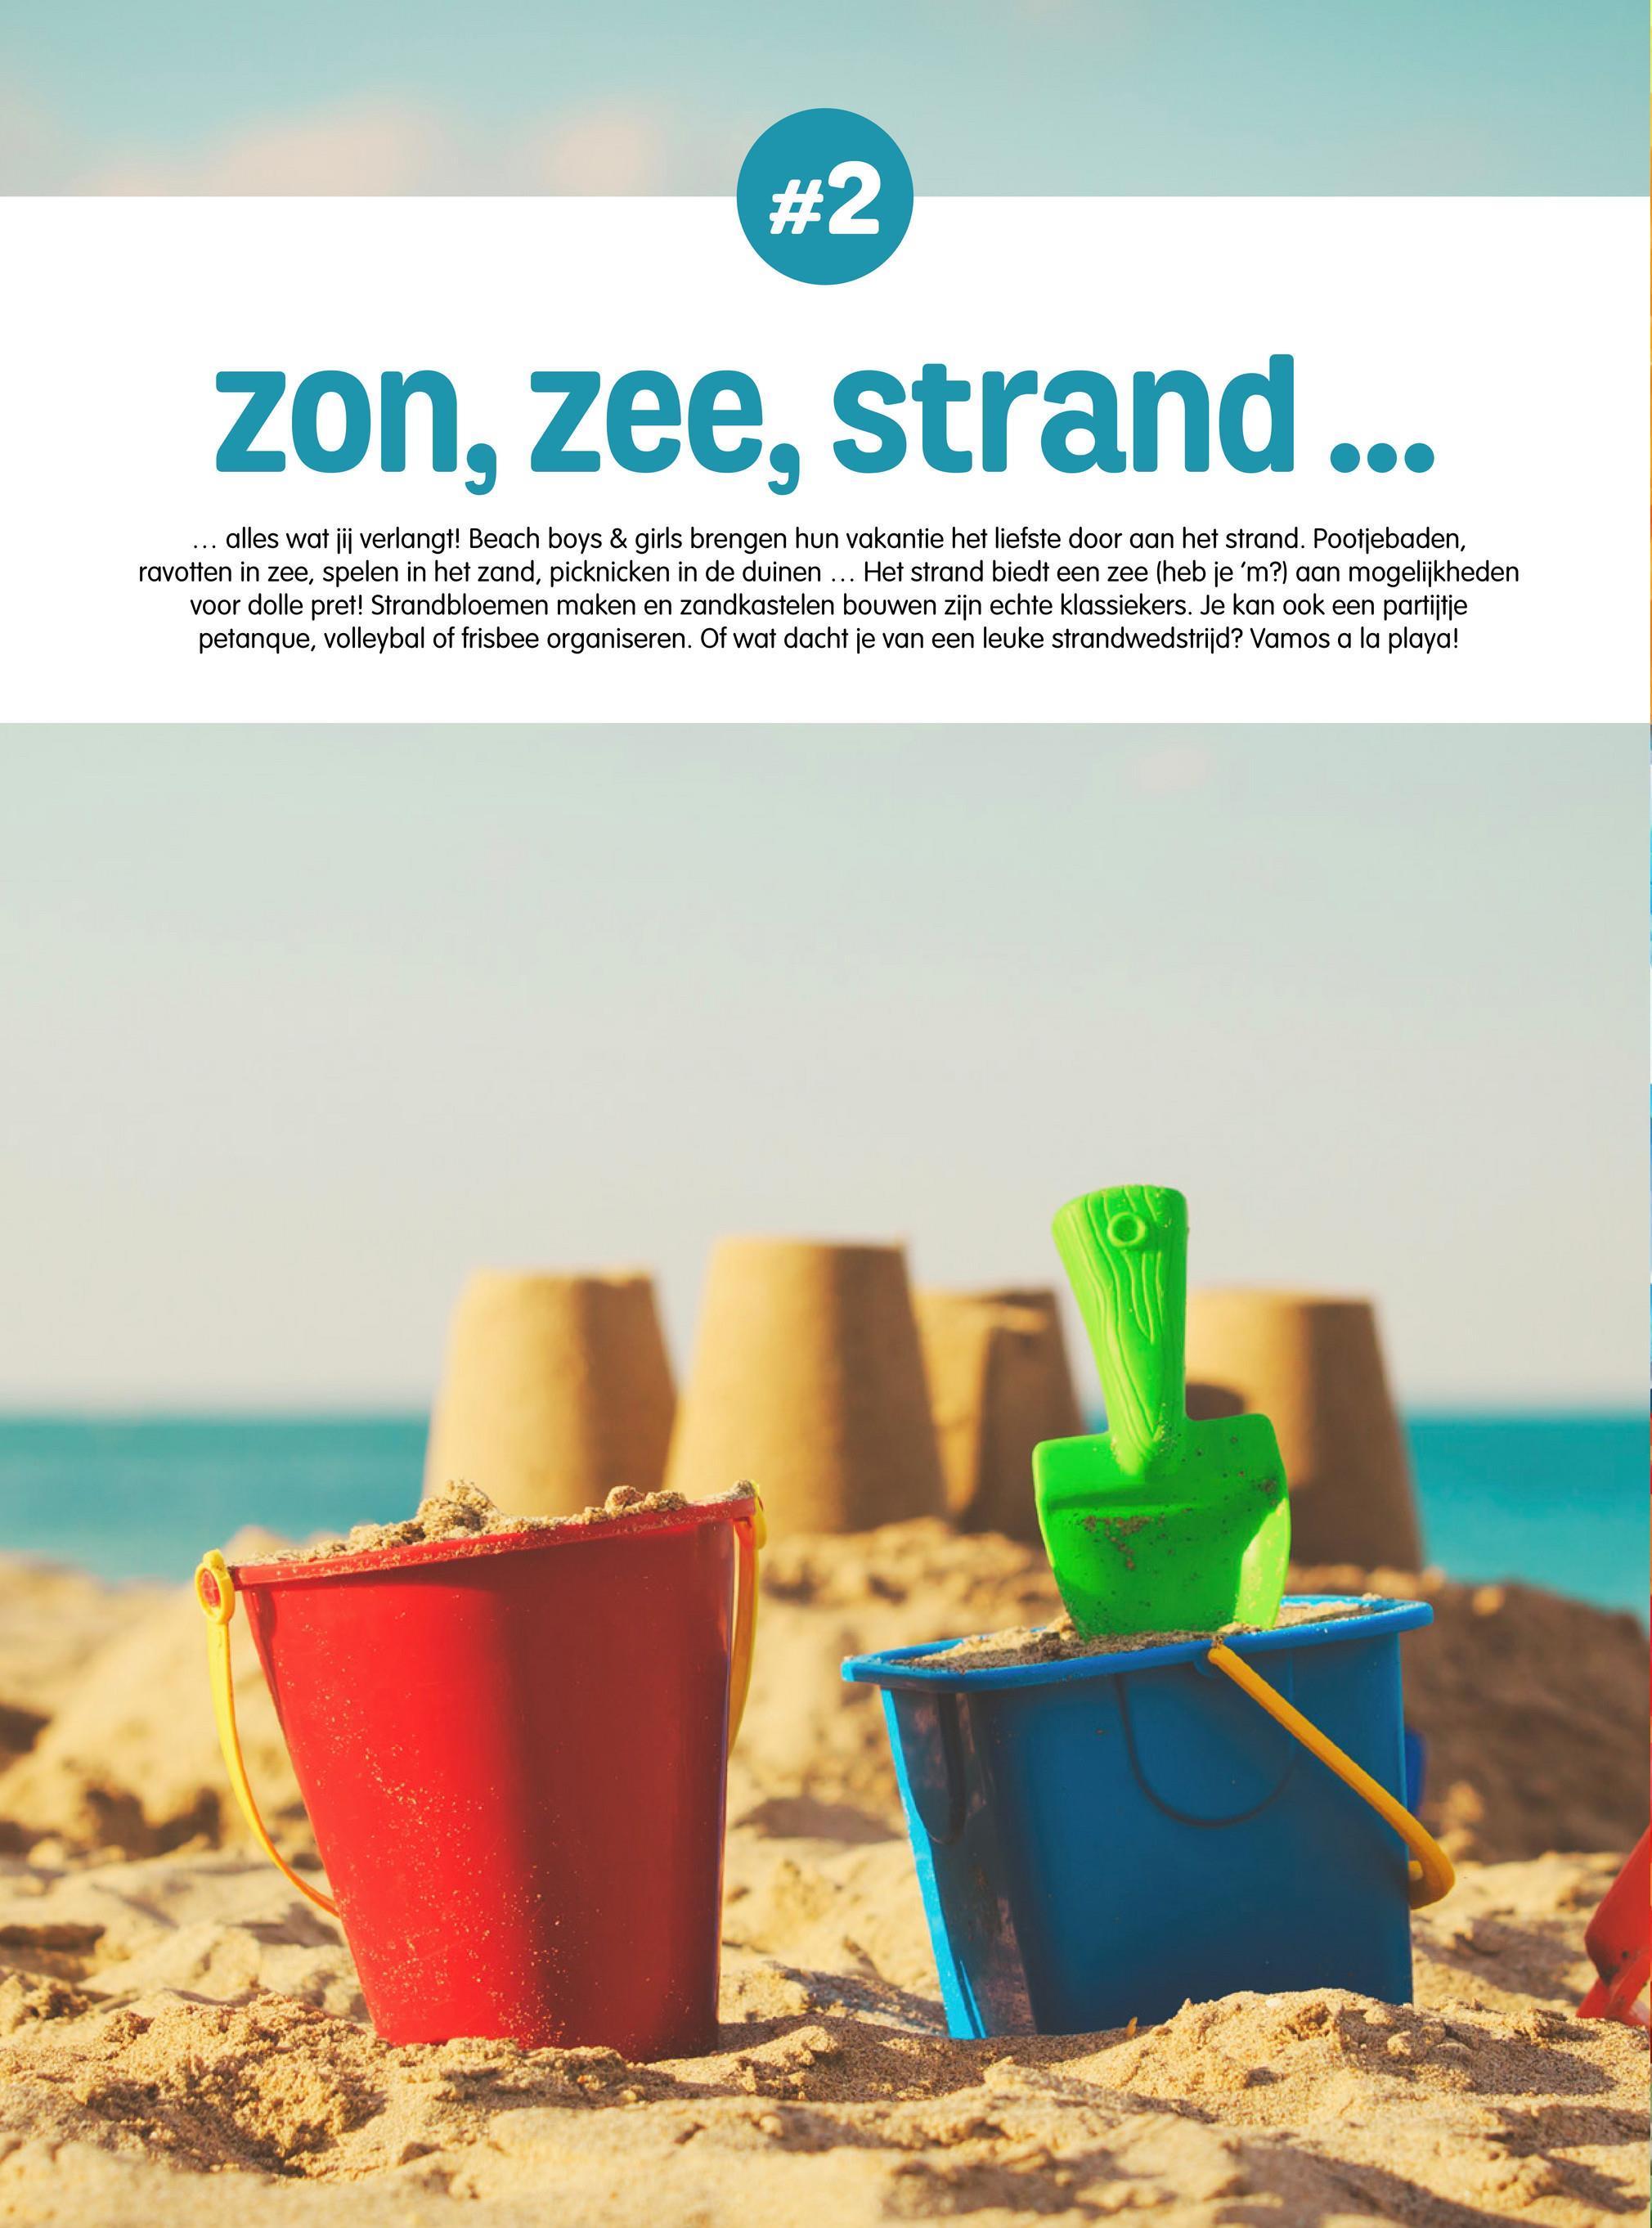 zon, zee, strand ... ... alles wat jij verlangt! Beach boys & girls brengen hun vakantie het liefste door aan het strand. Pootjebaden, ravotten in zee, spelen in het zand, picknicken in de duinen ... Het strand biedt een zee (heb je 'm?) aan mogelijkheden voor dolle pret! Strandbloemen maken en zandkastelen bouwen zijn echte klassiekers. Je kan ook een partijtje petanque, volleybal of frisbee organiseren. Of wat dacht je van een leuke strandwedstrijd? Vamos a la playa!